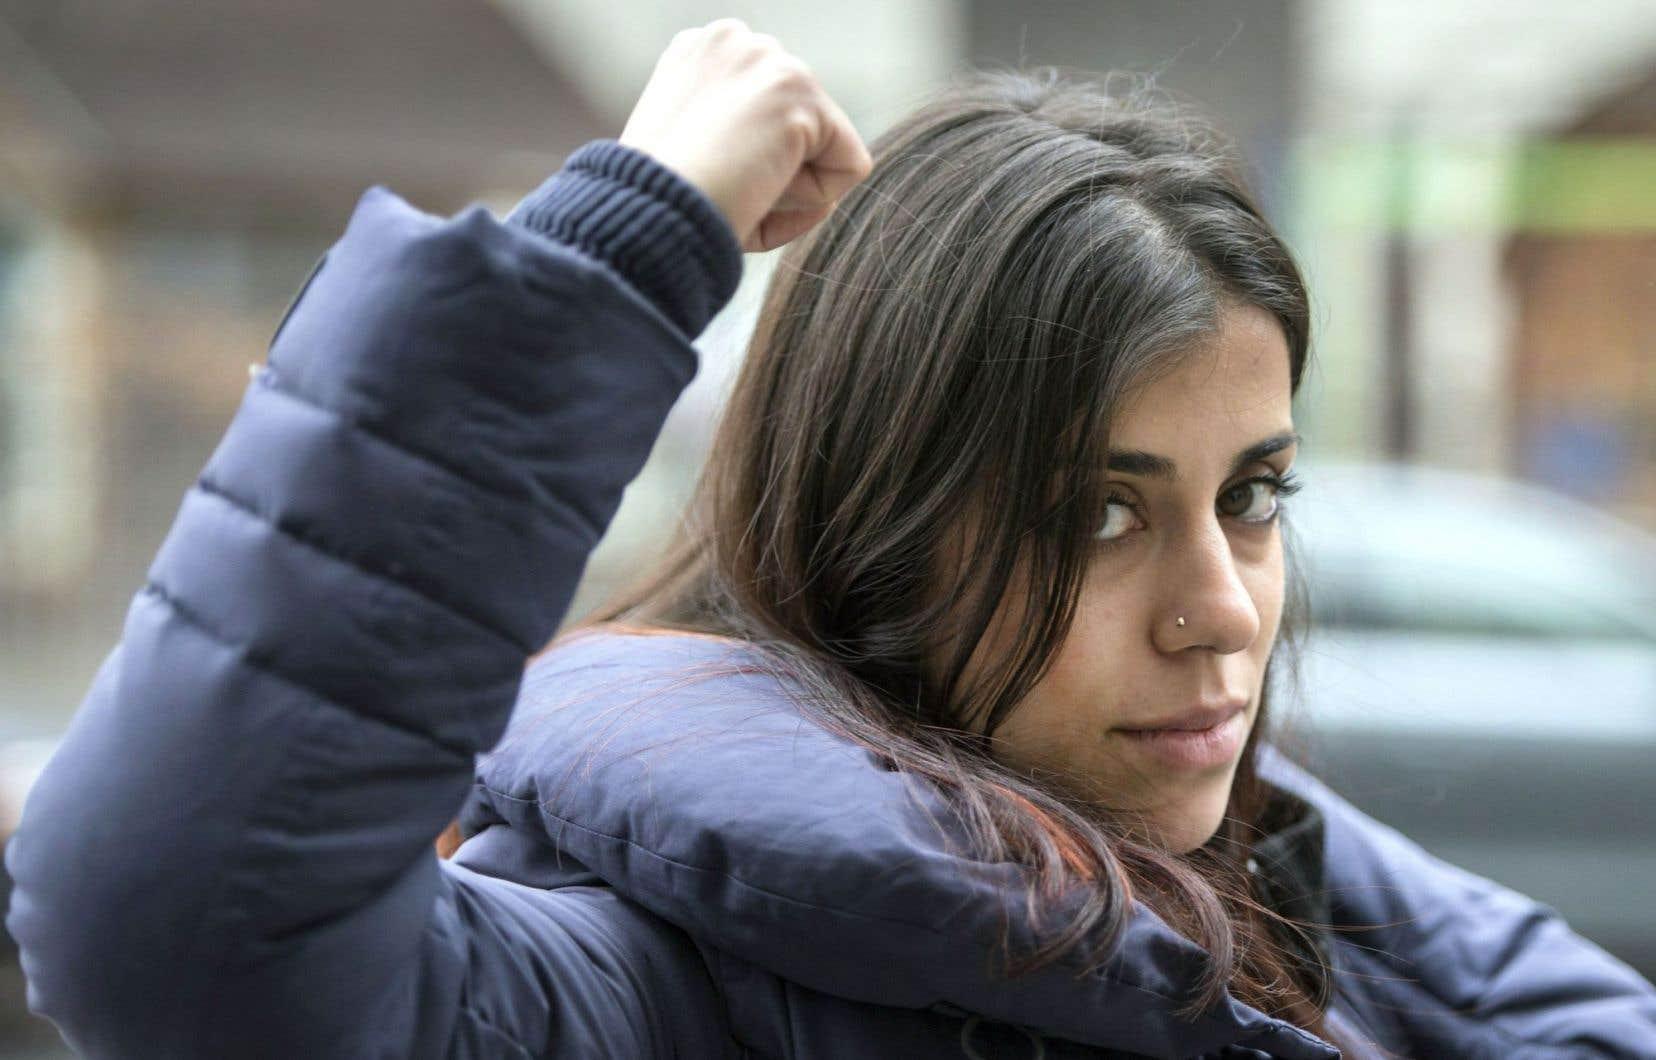 Neda Topaloski a plaidé non coupable aux accusations de méfait et de trouble de l'ordre public pour son action lors des festivités du Grand Prix, en 2015.